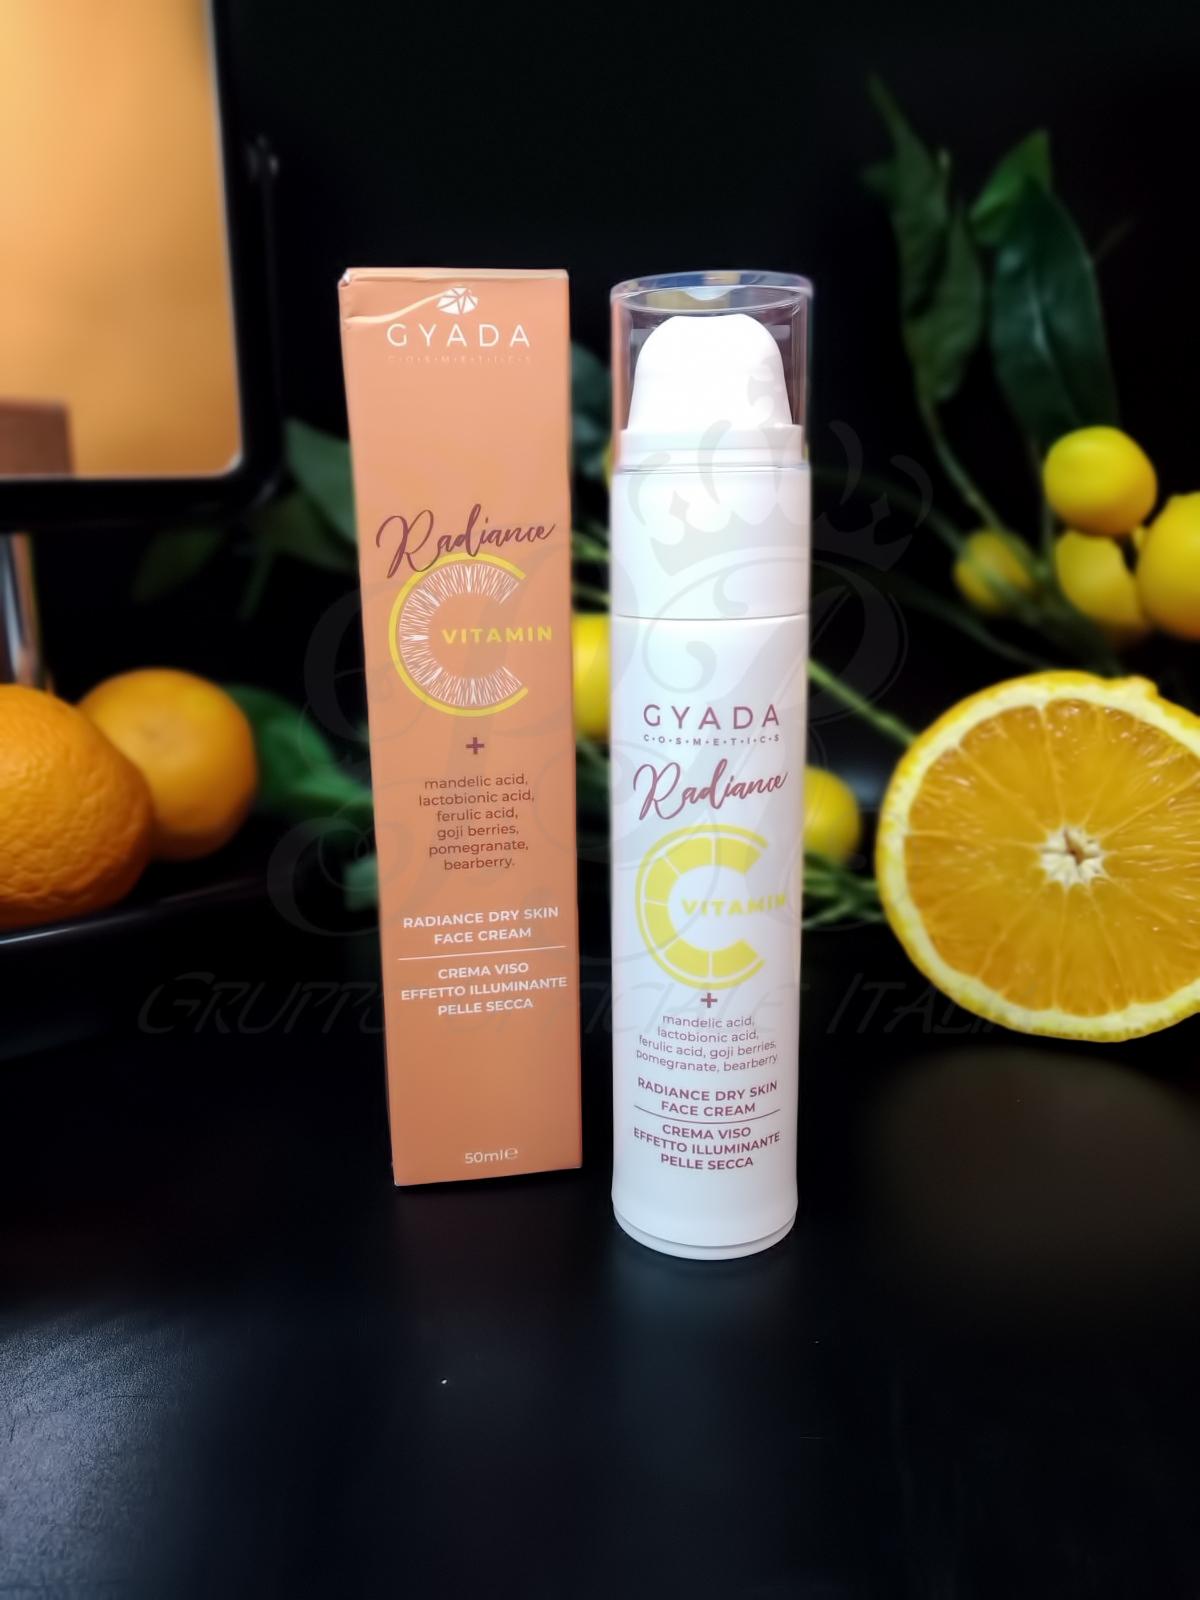 Gyada Cosmetics Crema Viso Pelle Secca Illuminante